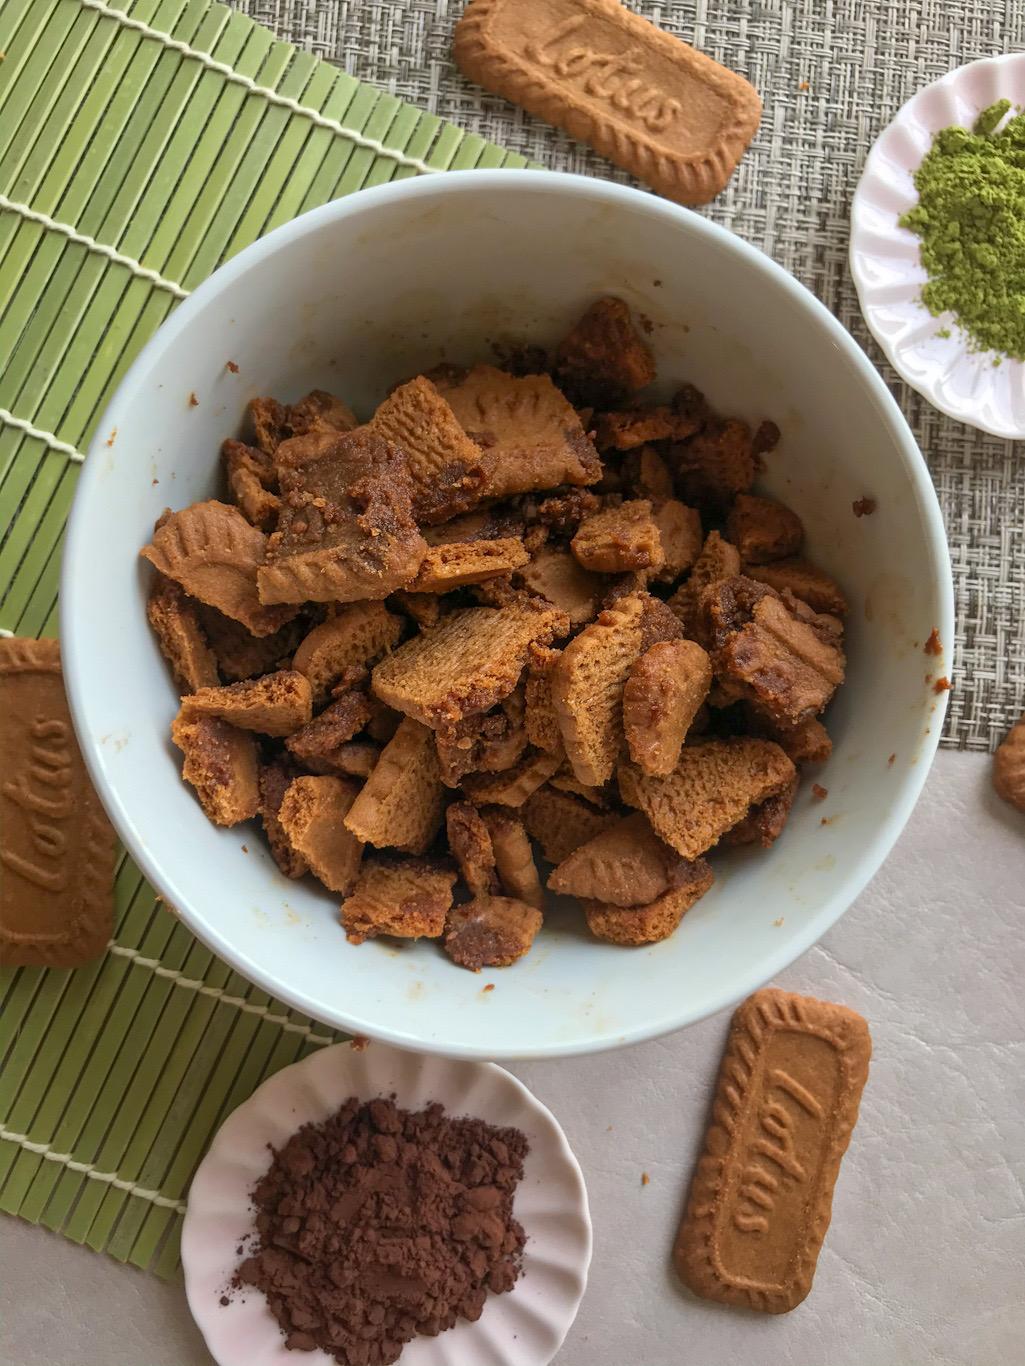 tiramisu making